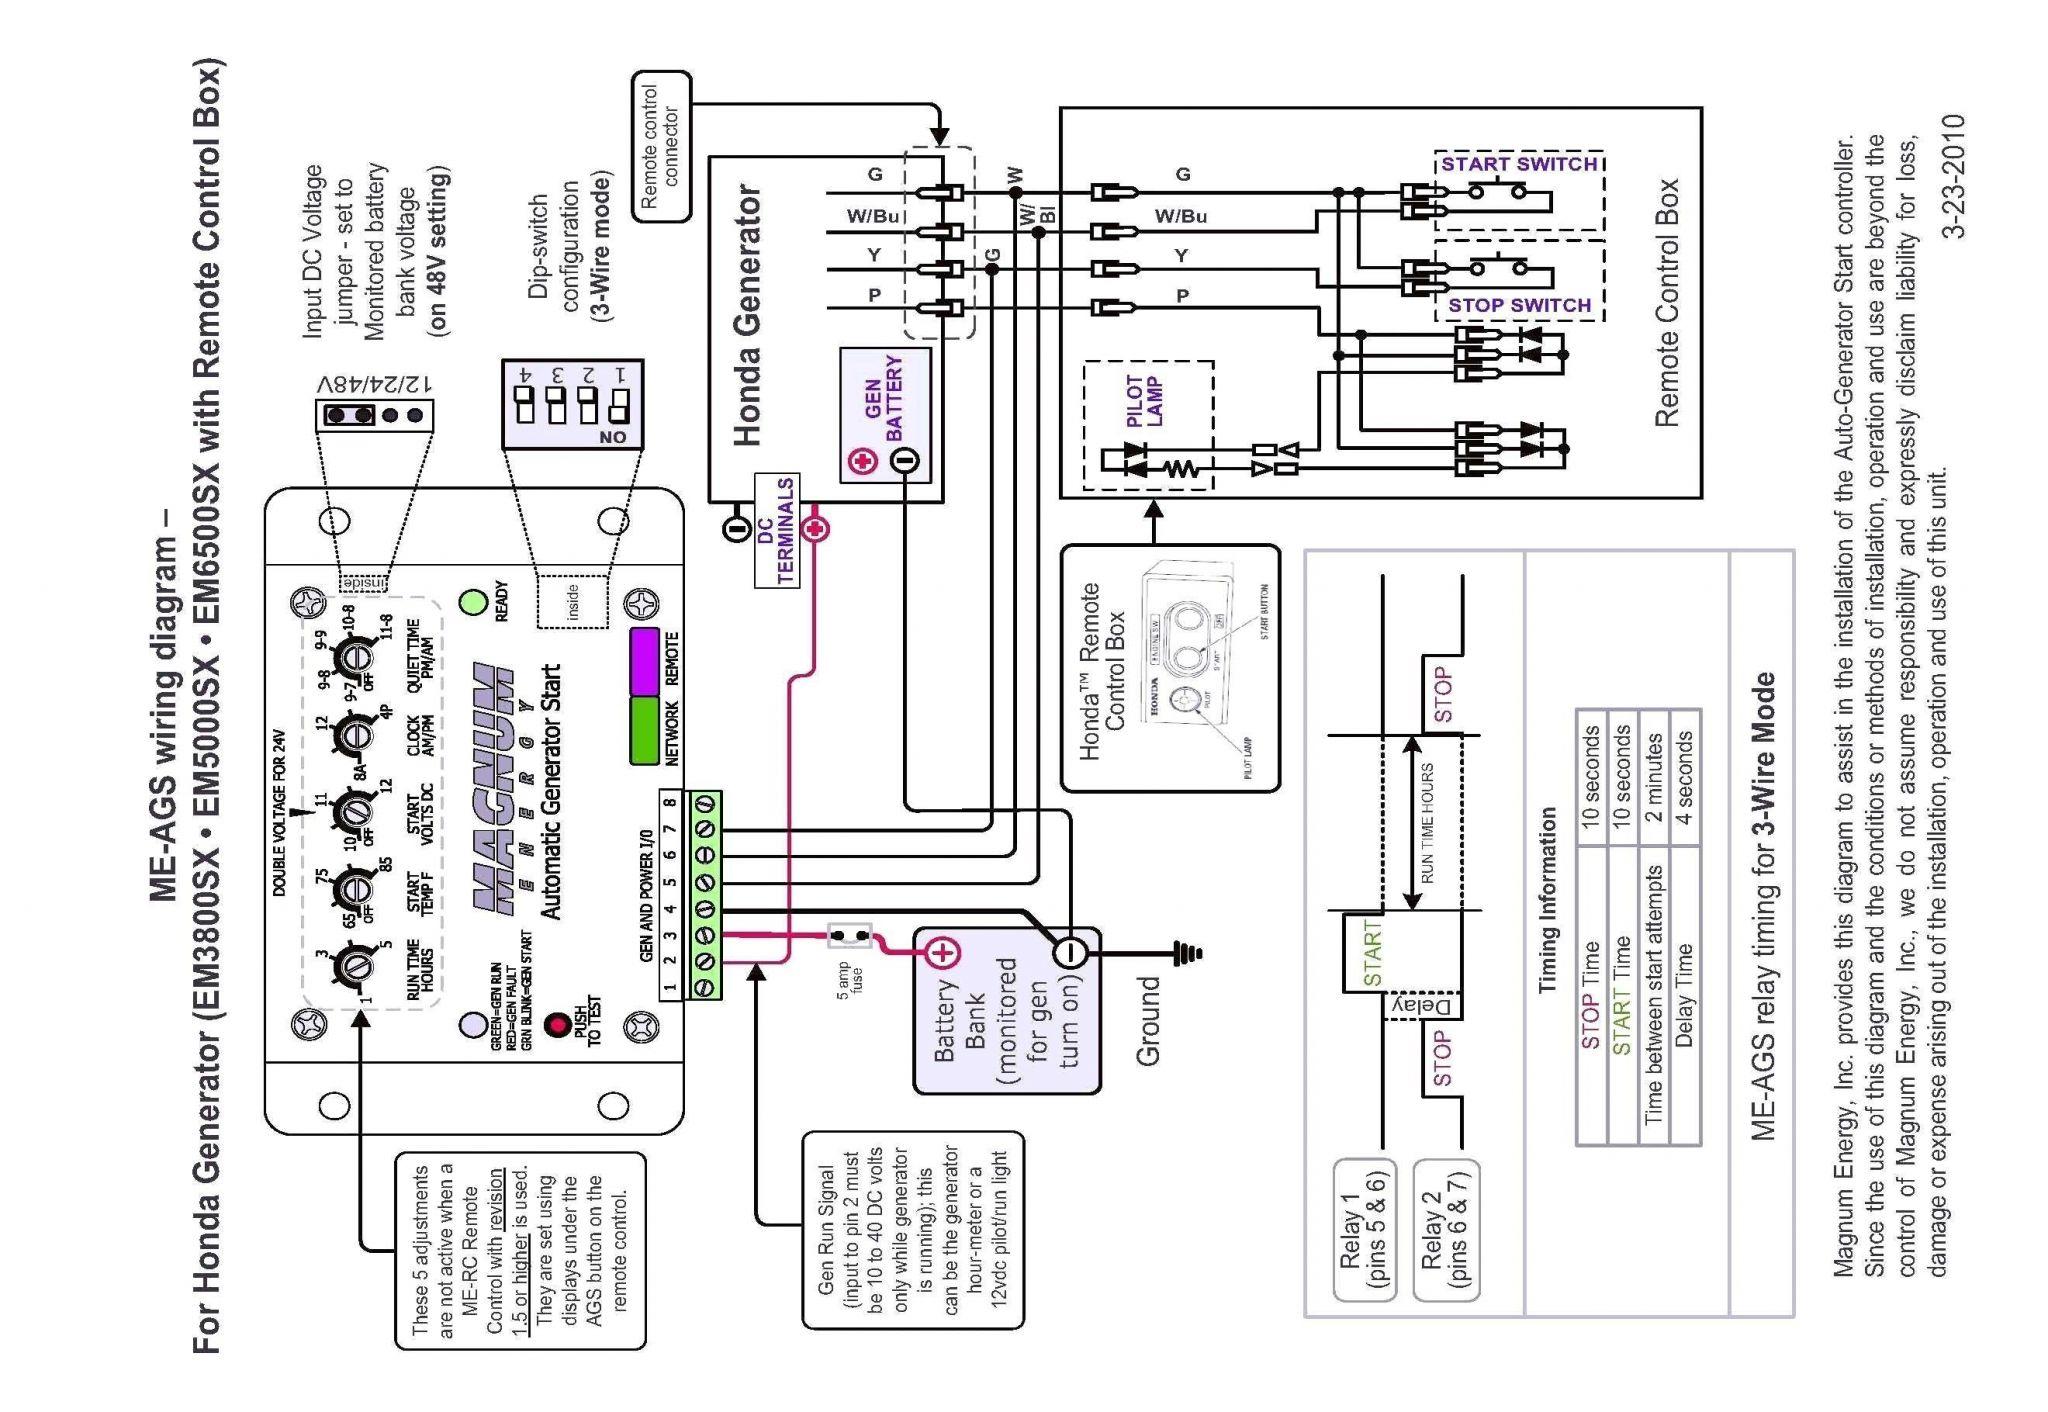 OH_3453] Pin Trailer Wiring Diagram On 6 Pin Trailer Wiring Diagram  Rockwood Wiring DiagramErek Faun Weasi Hison Verr Sospe Xolia Hendil Mohammedshrine Librar Wiring  101